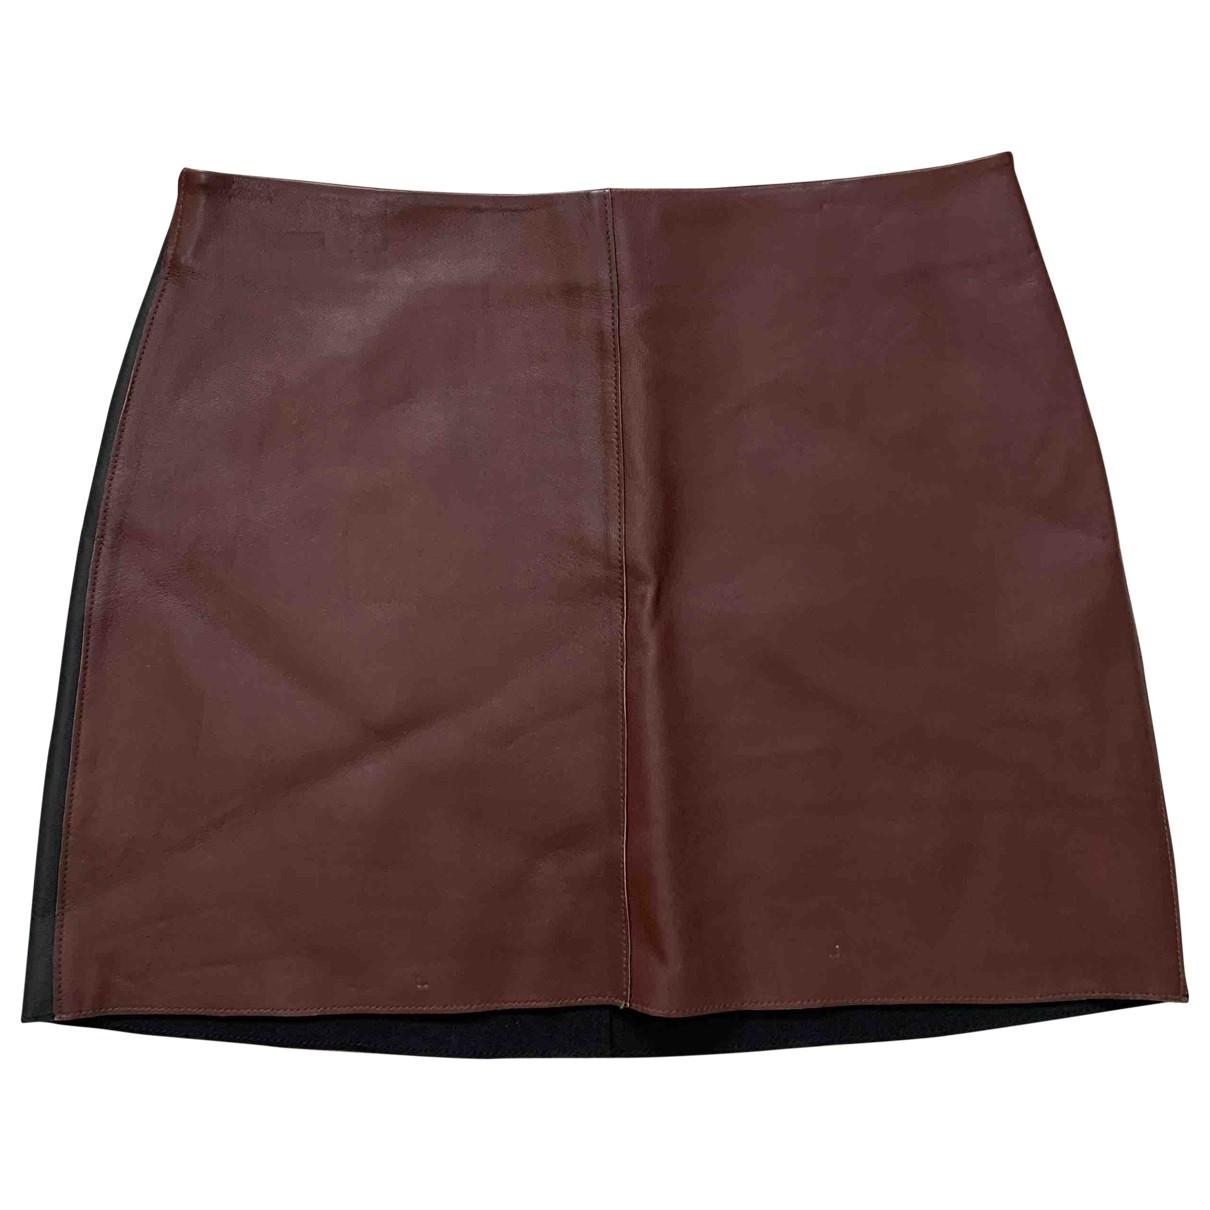 Diane Von Furstenberg N Multicolour Leather skirt for Women 16 UK